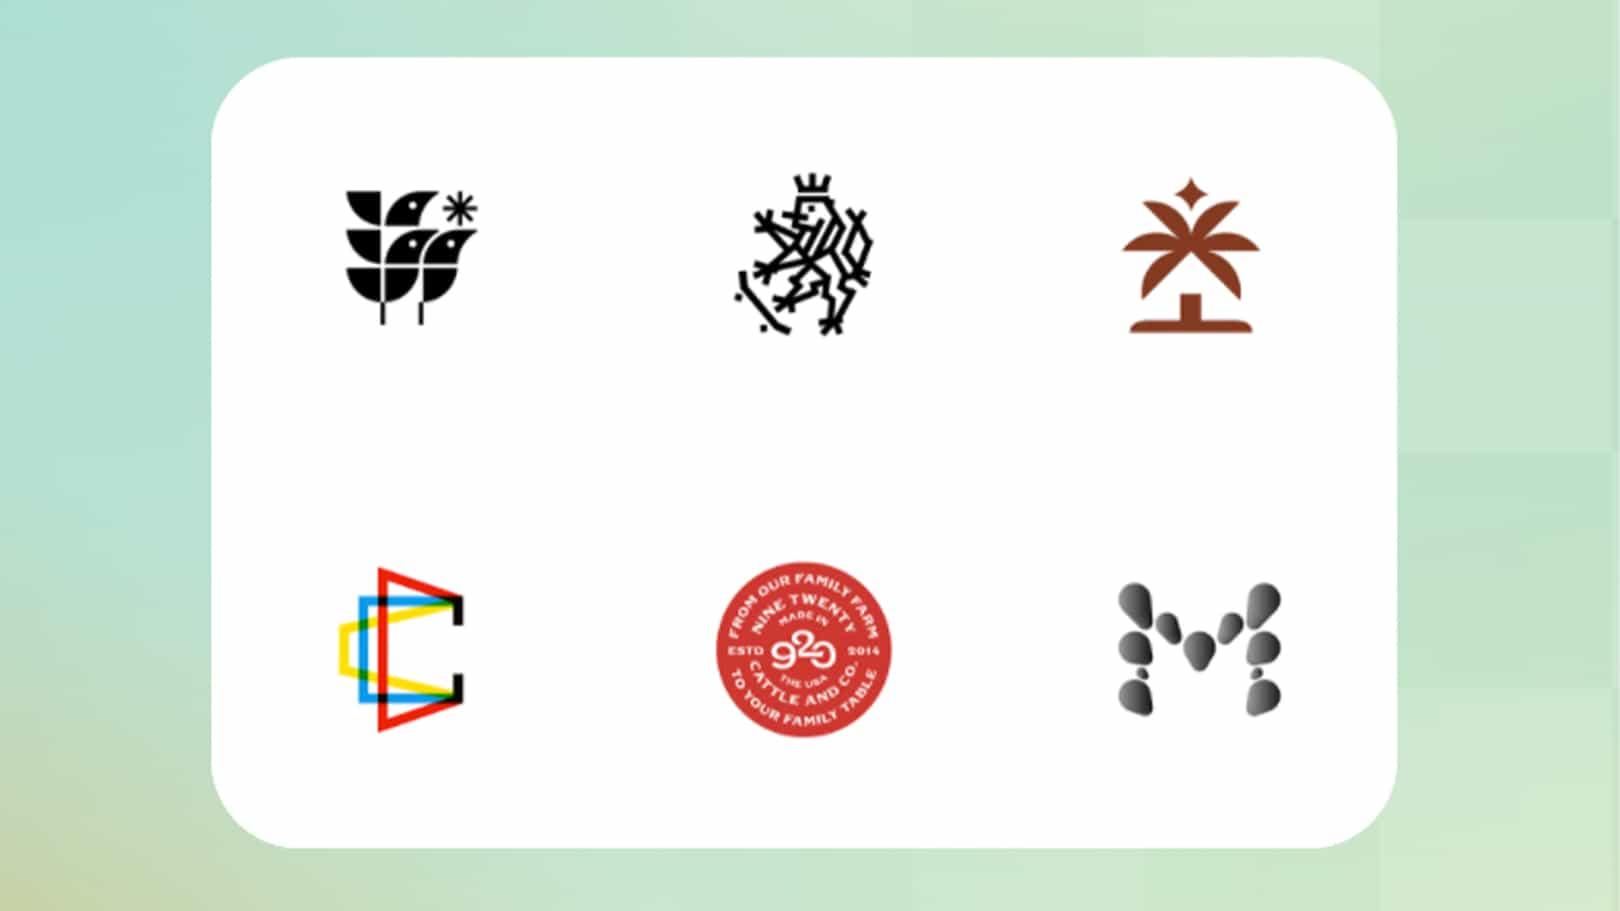 Estas son las tendencias de diseño de logotipos más populares de 2021